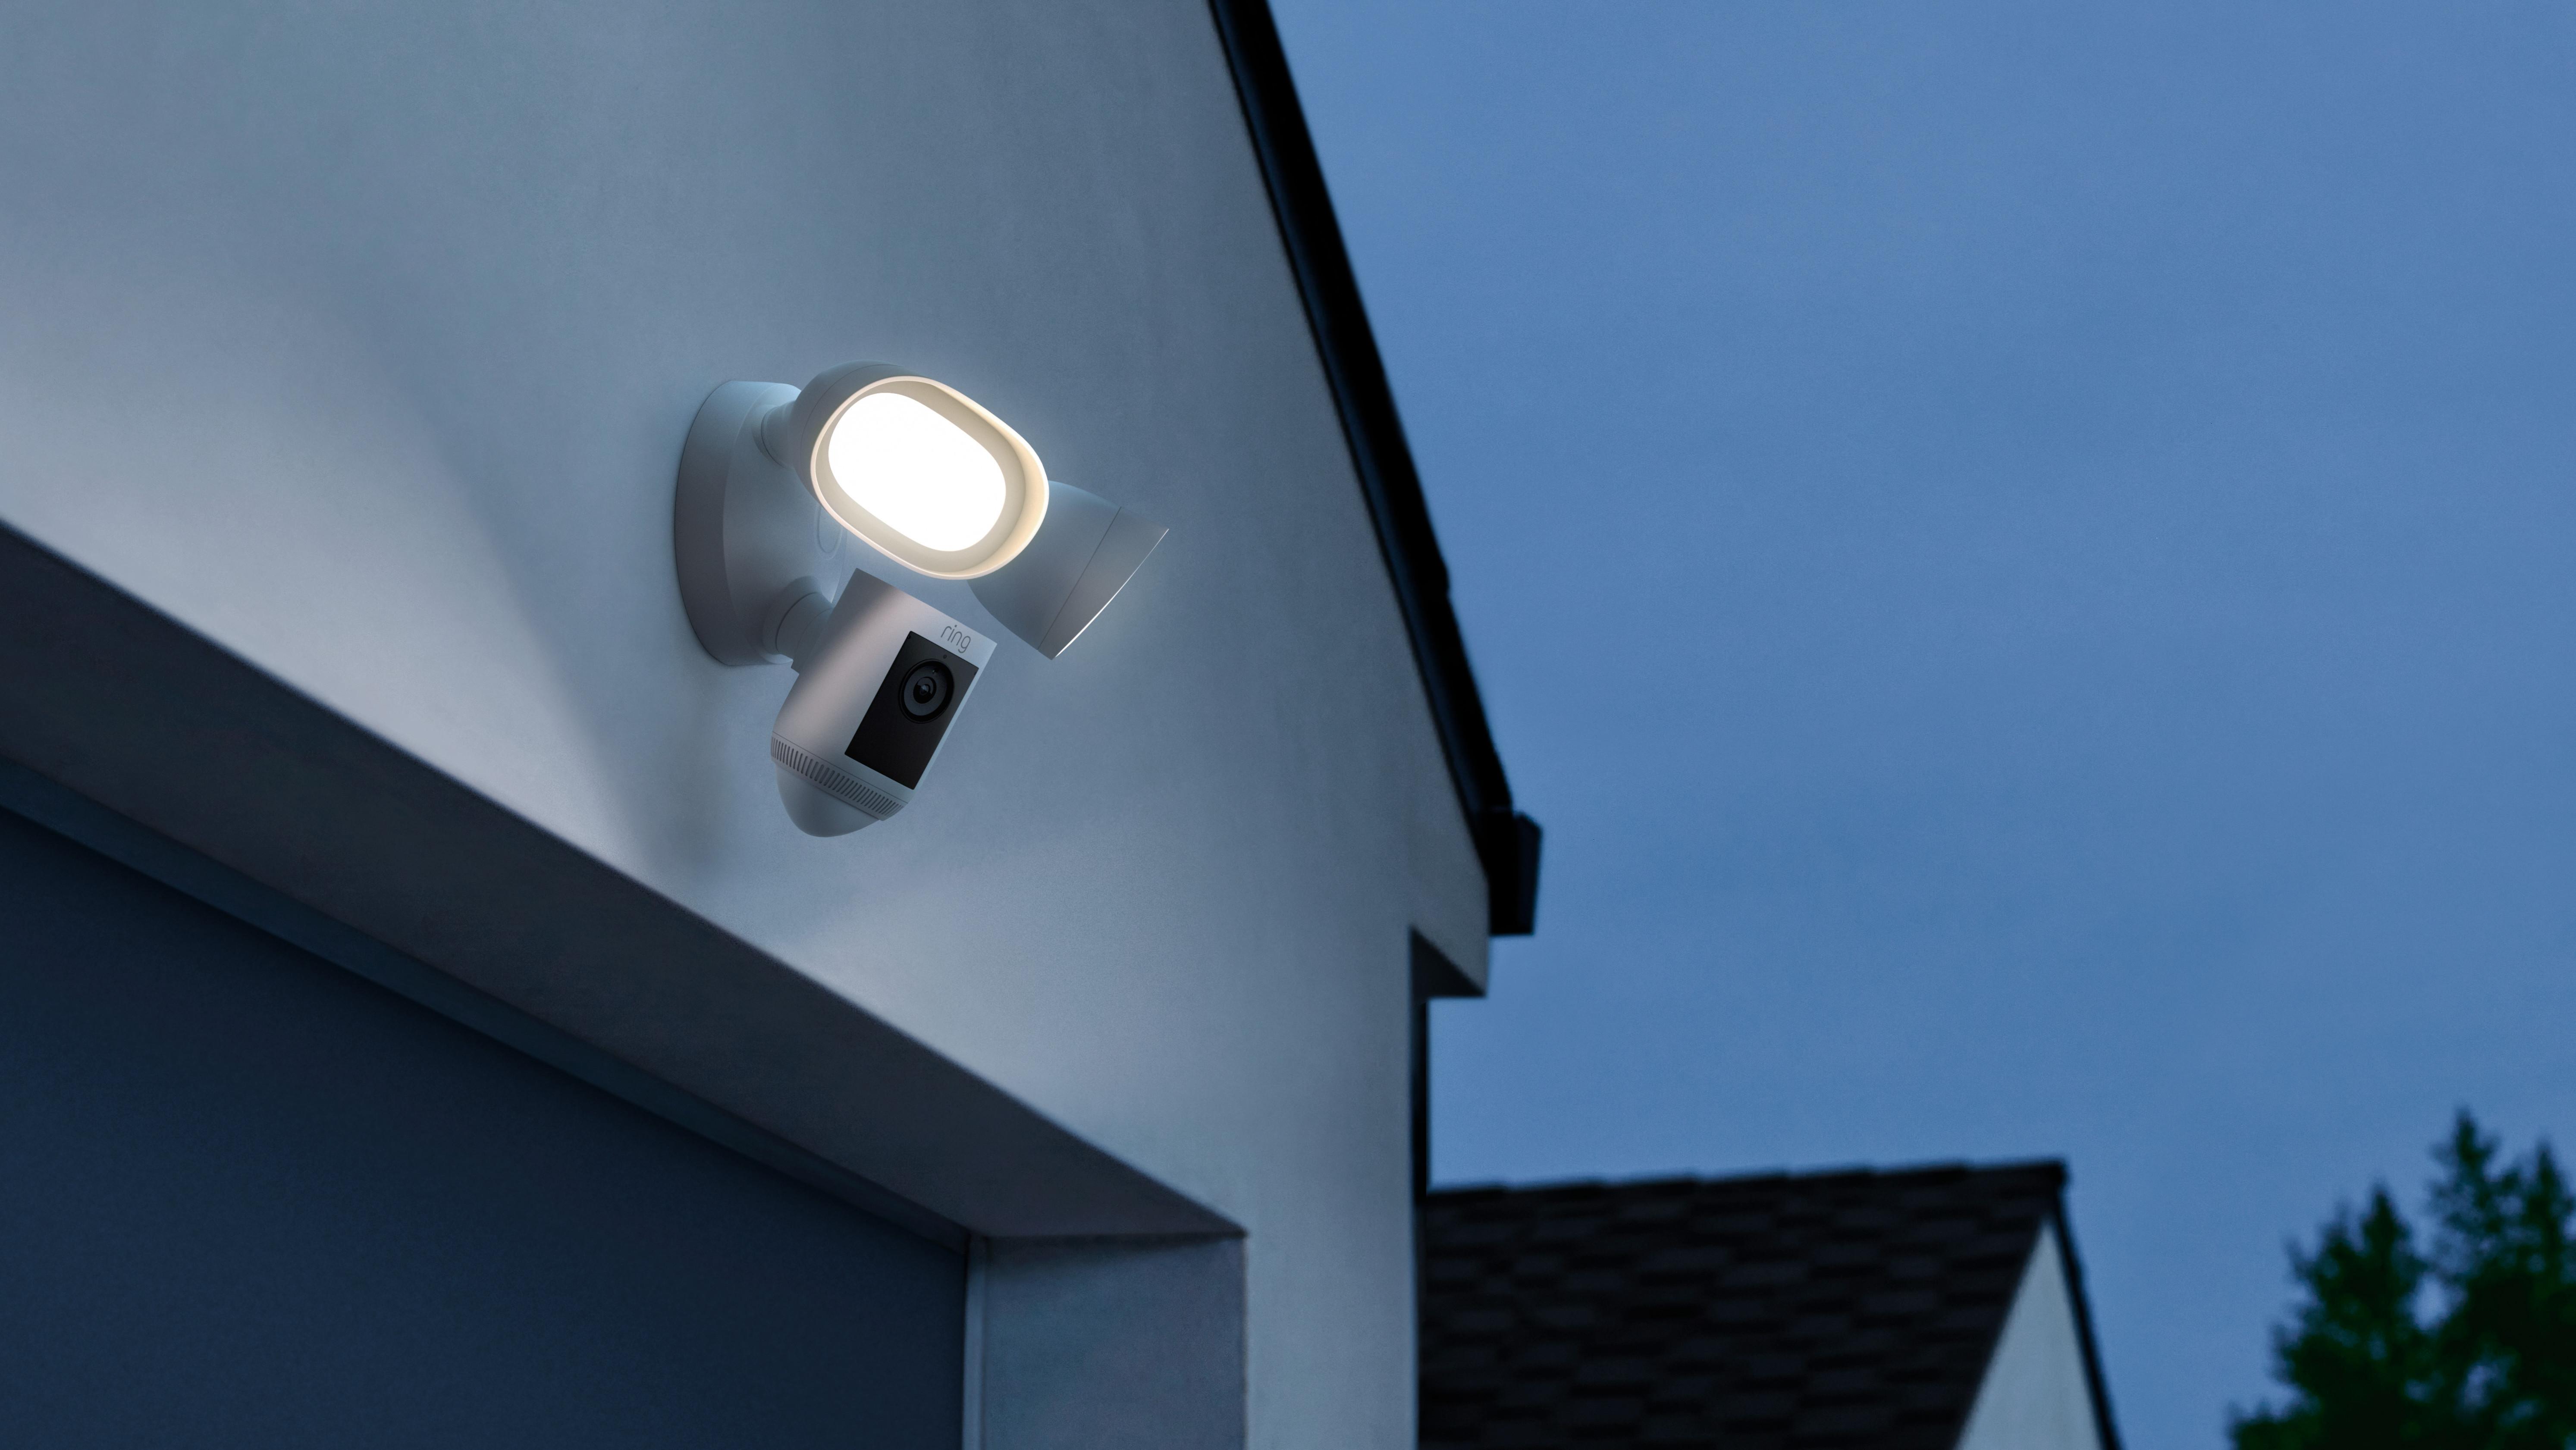 De to projektører på hver side af kameraet lyser med 2.000 lumen – det svarer til det lange lys på en lastbil.